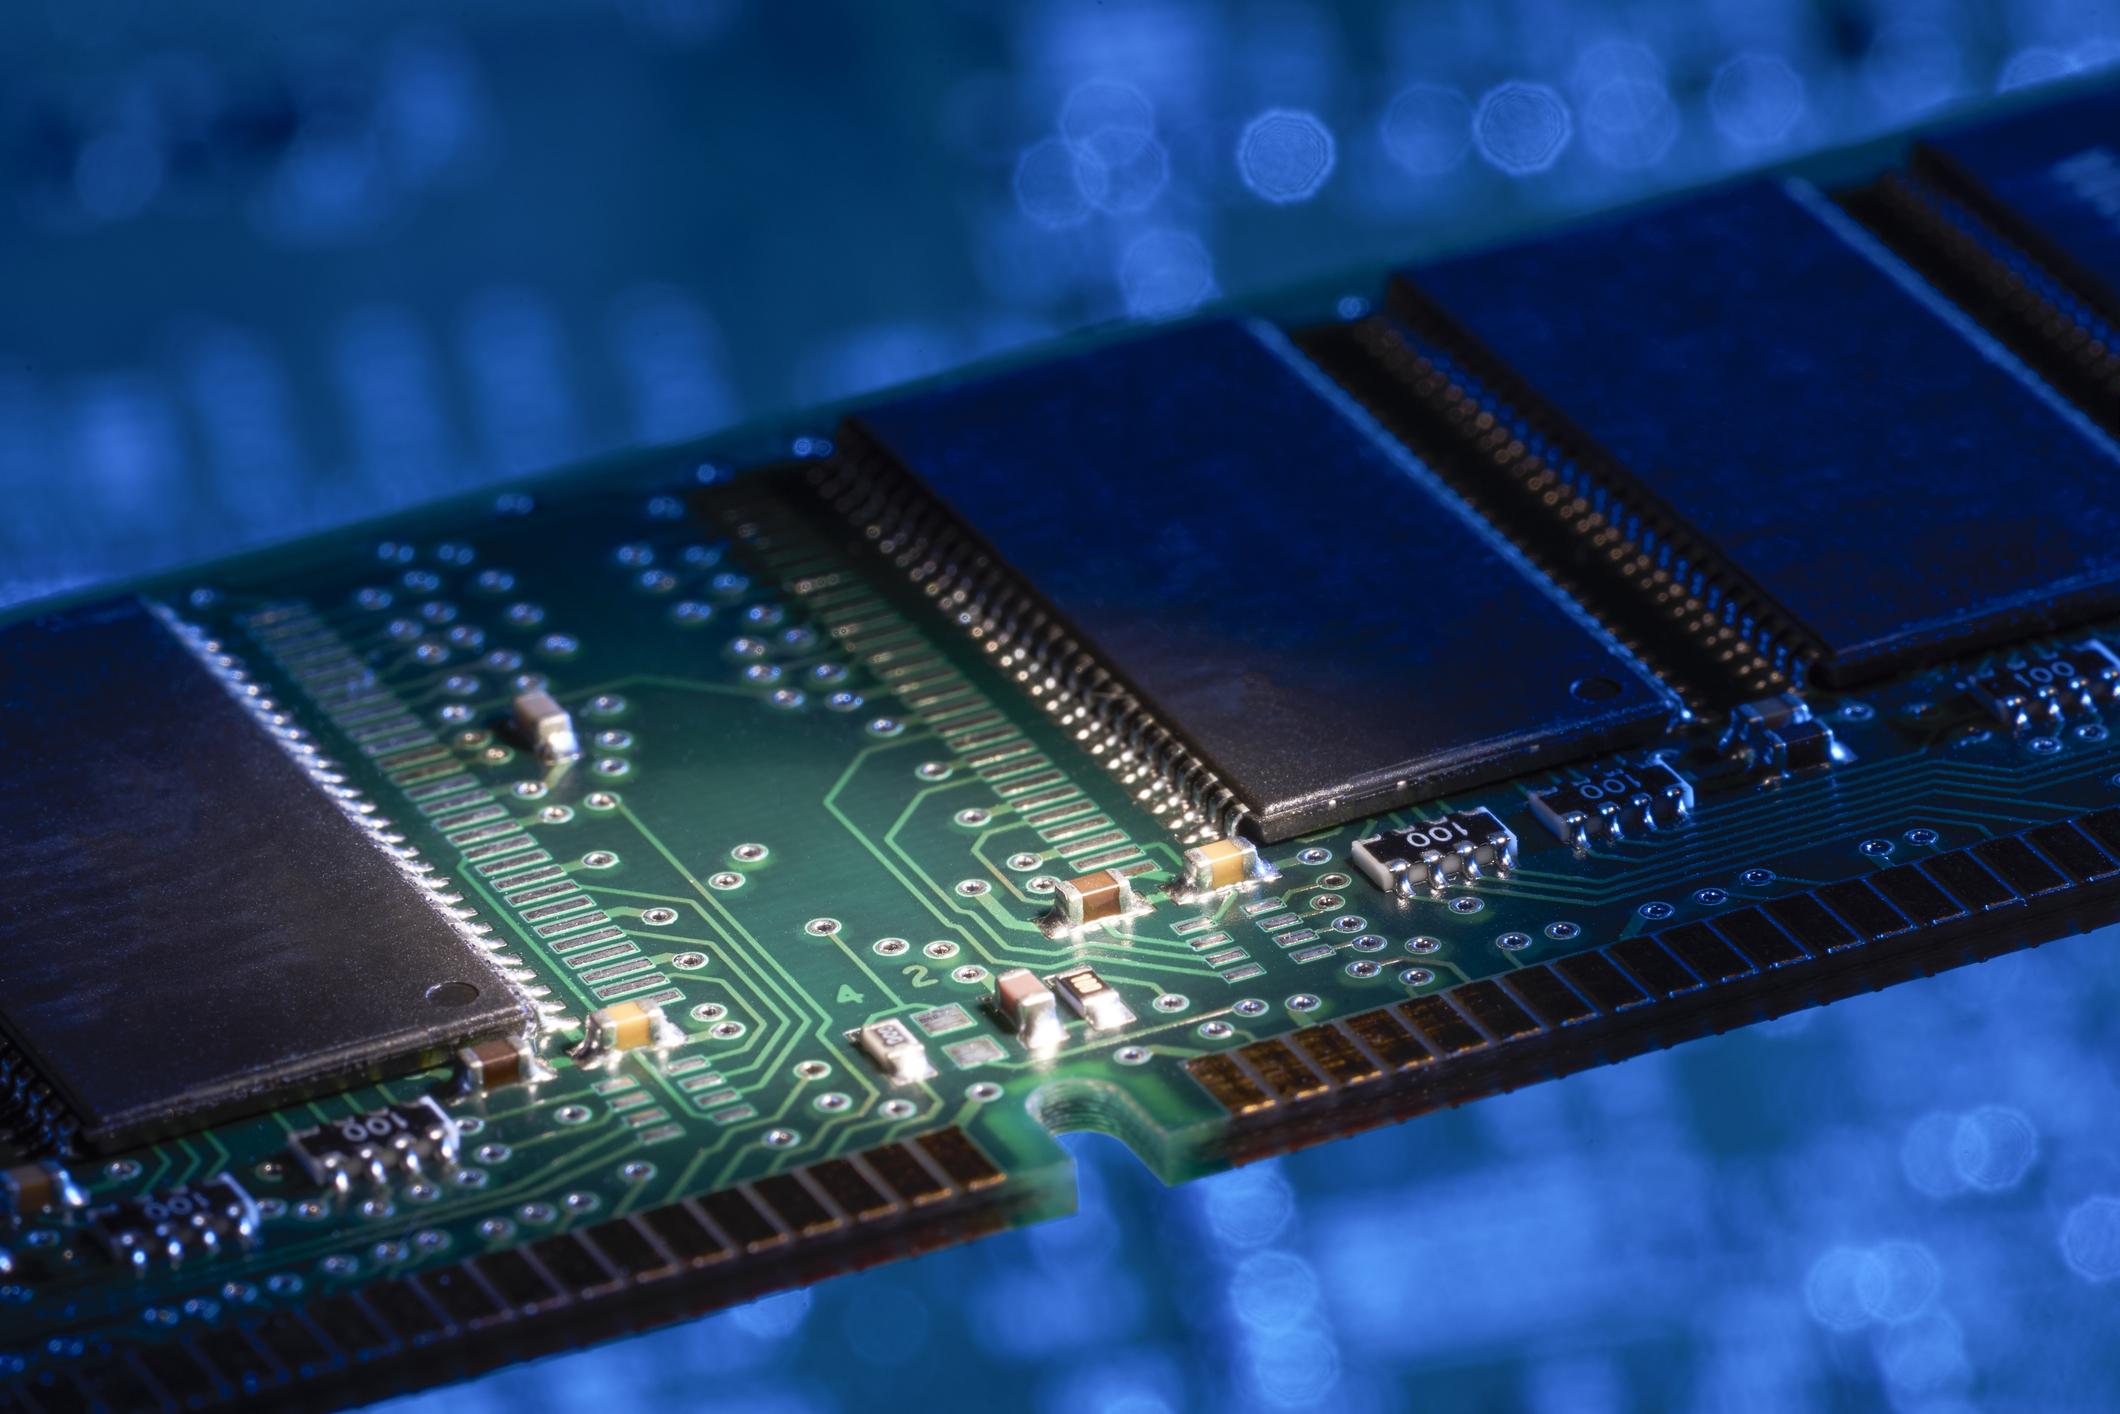 A closeup of a RAM chip.